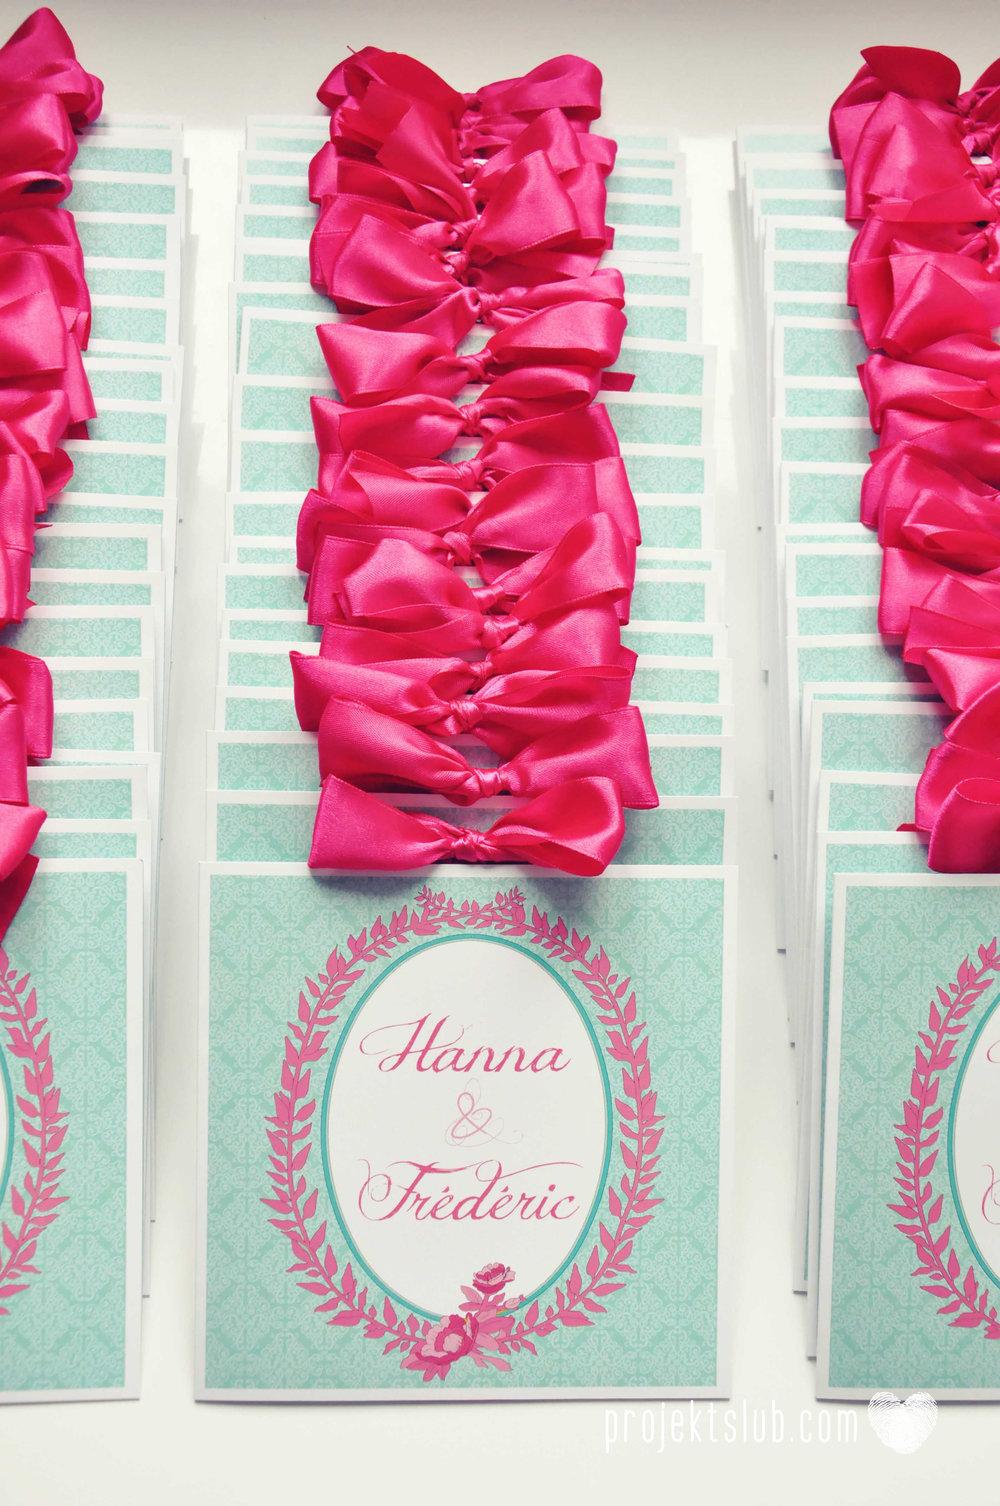 oryginalne zaproszenia ślubne najpiękniejsza papeteria miętowe love mięta malinowa wstążka elegancki projekt ślub (4).jpg